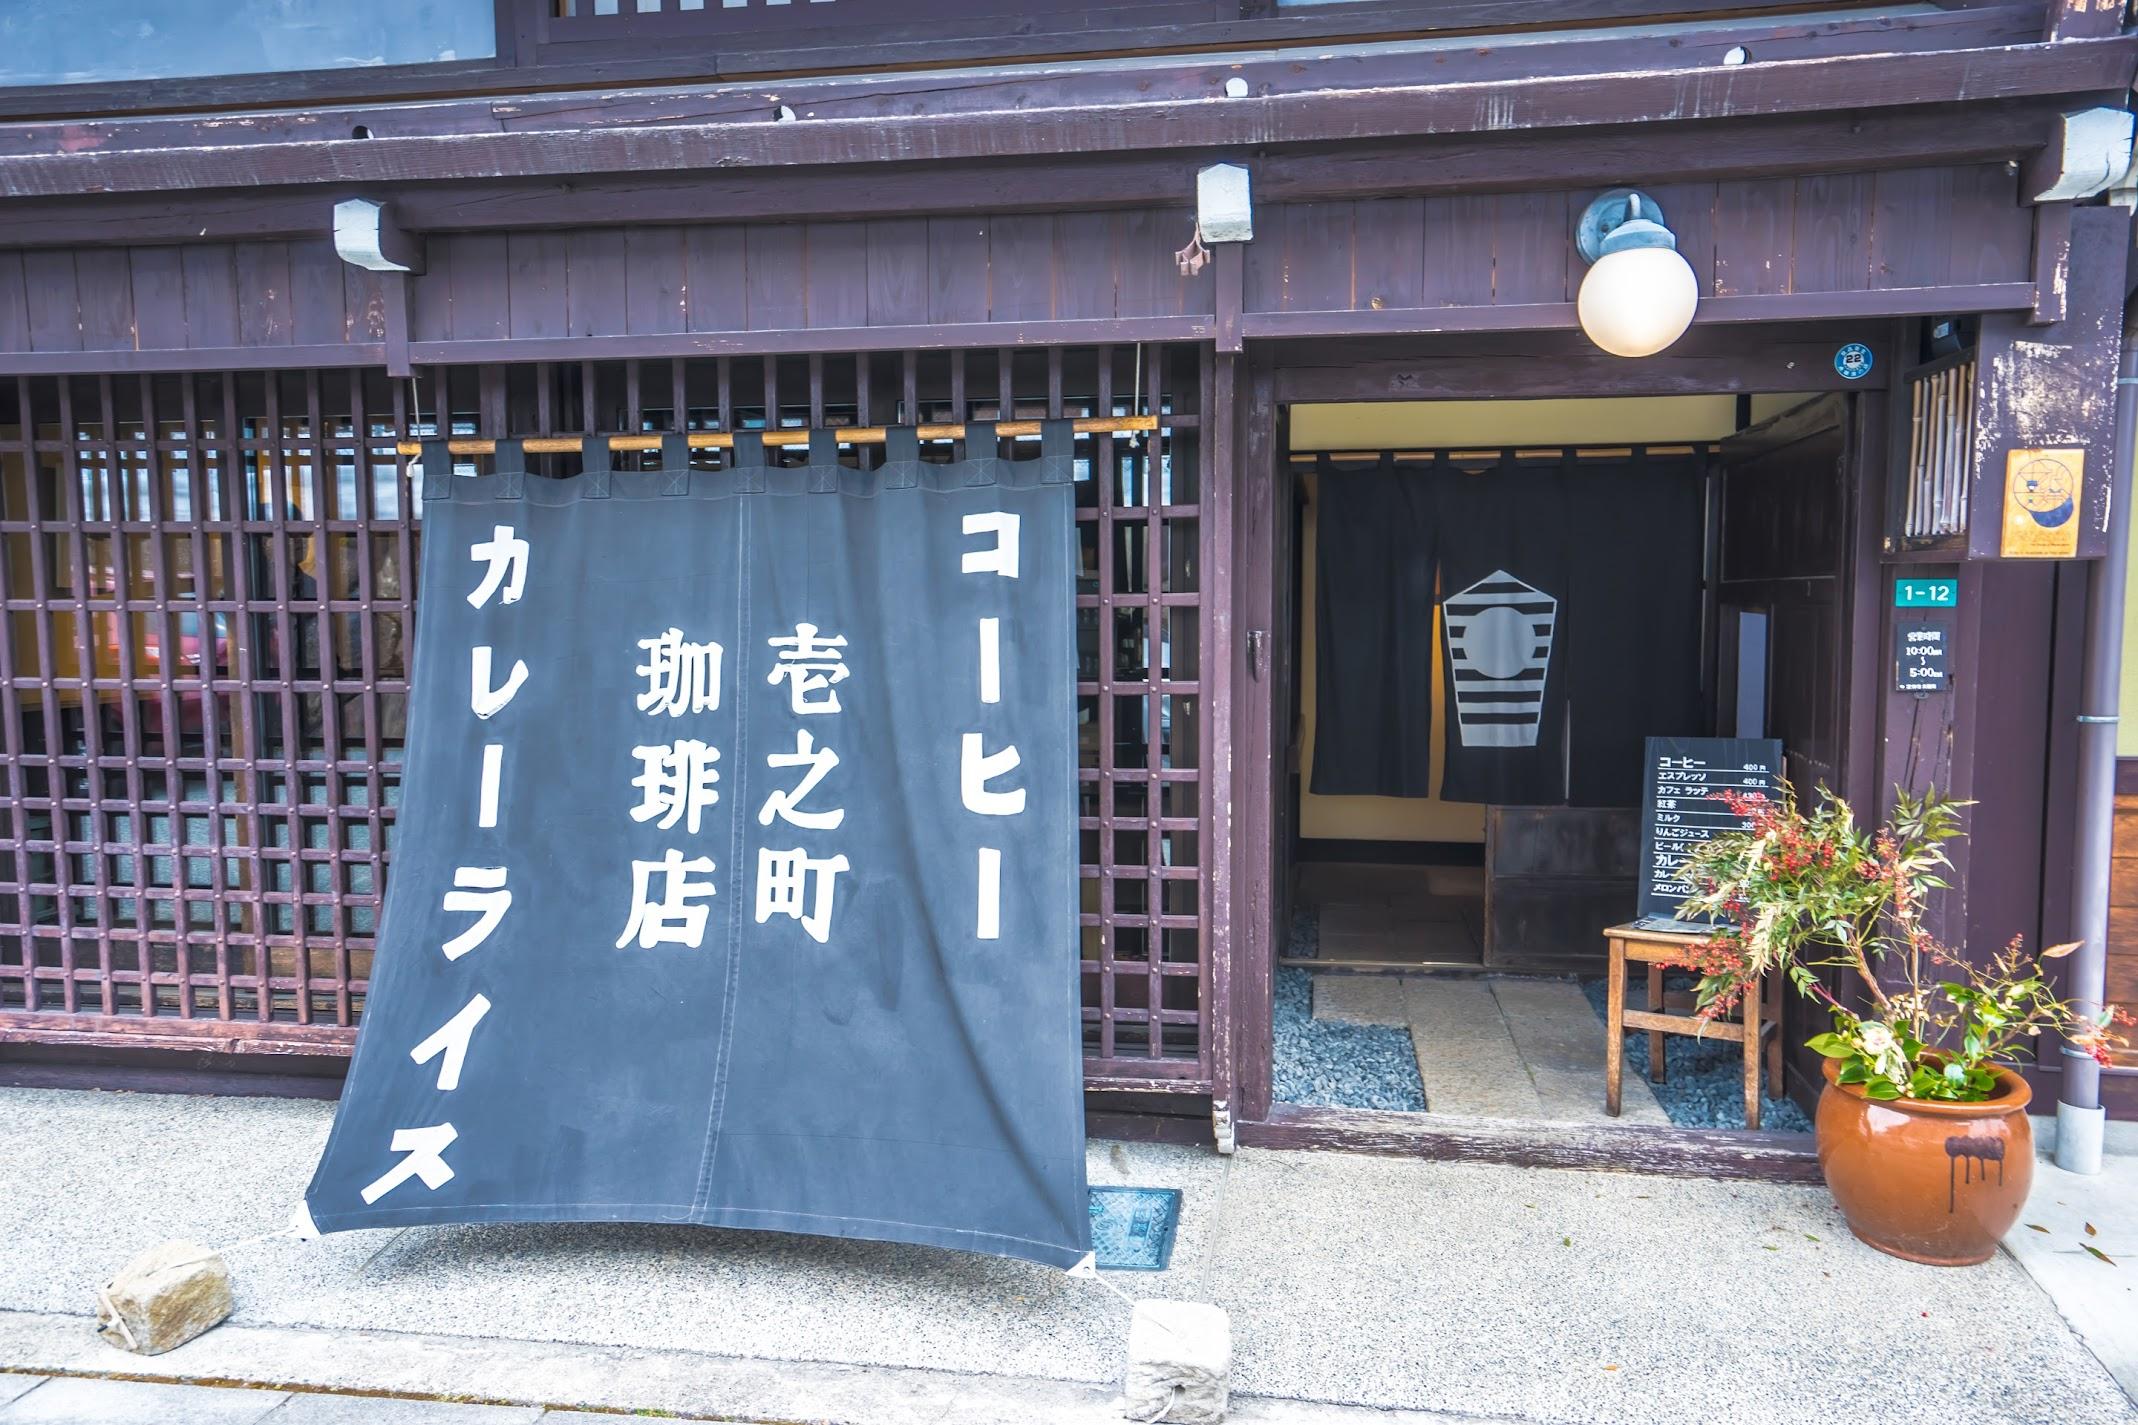 飛騨古川 壱之町珈琲店1